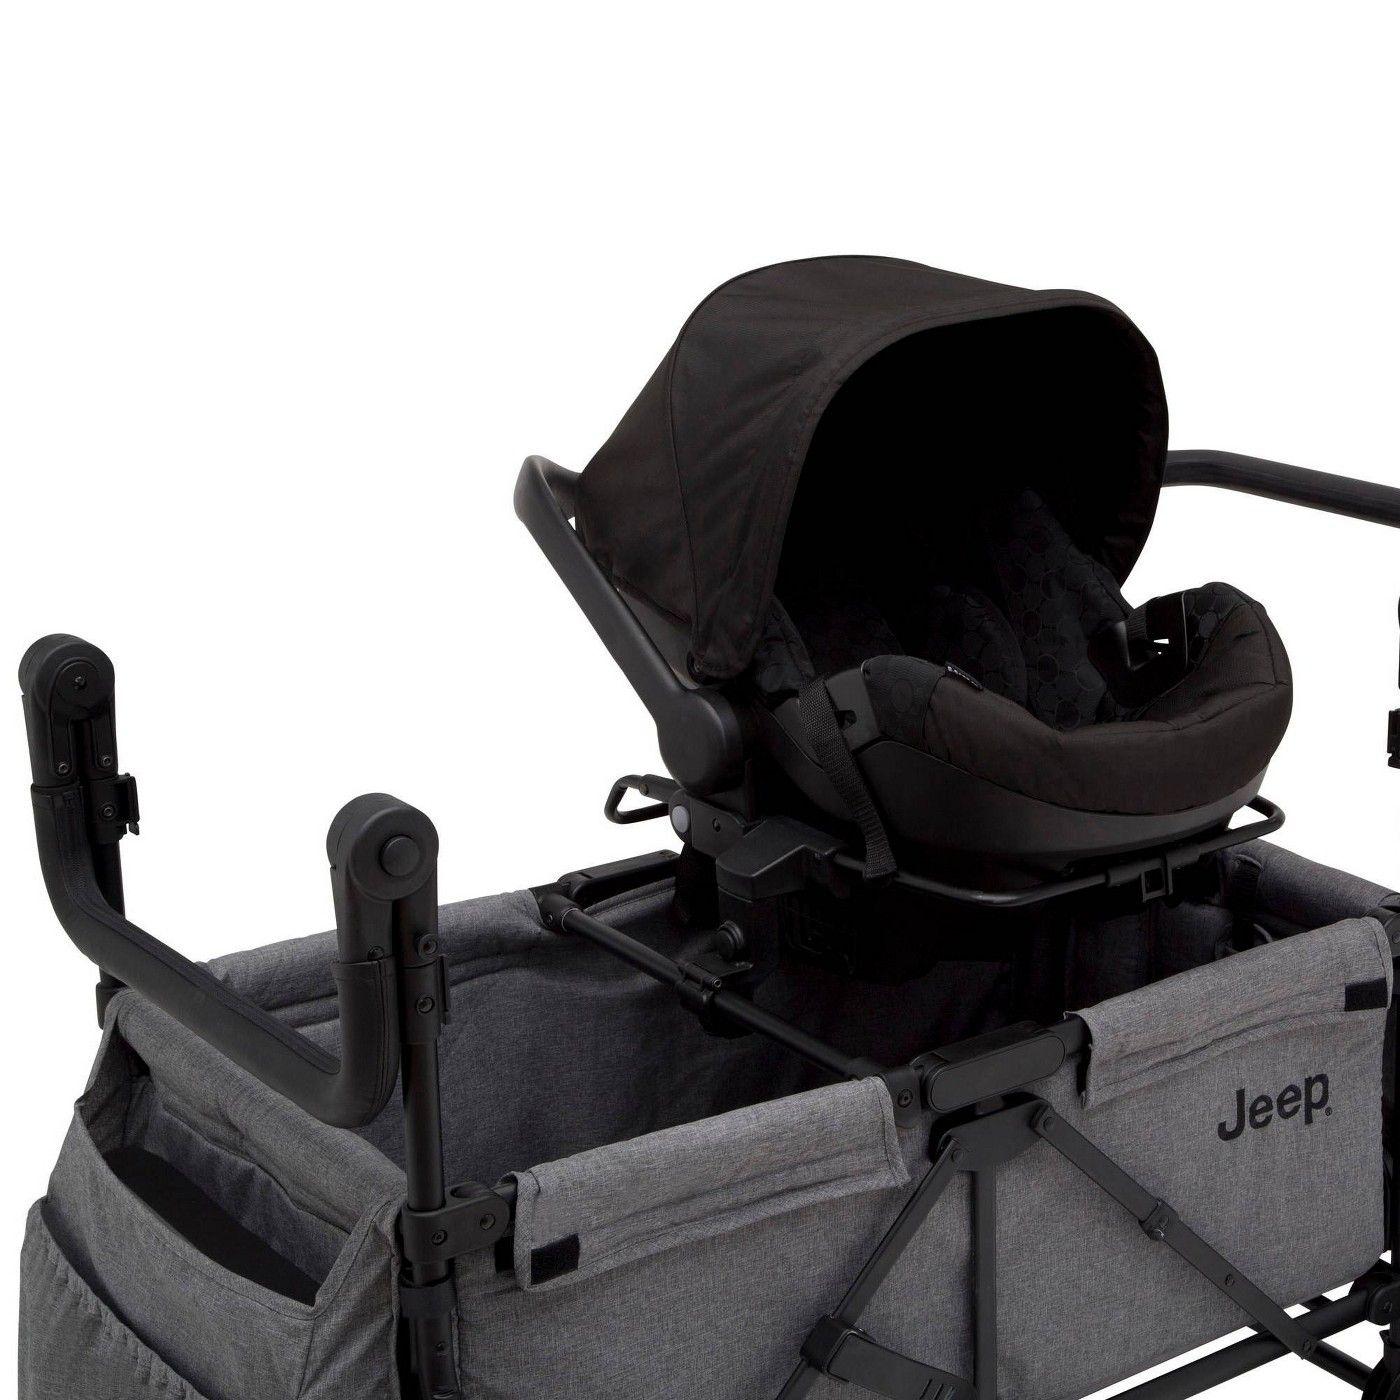 Jeep Wrangler Stroller Wagon Canada - Stroller